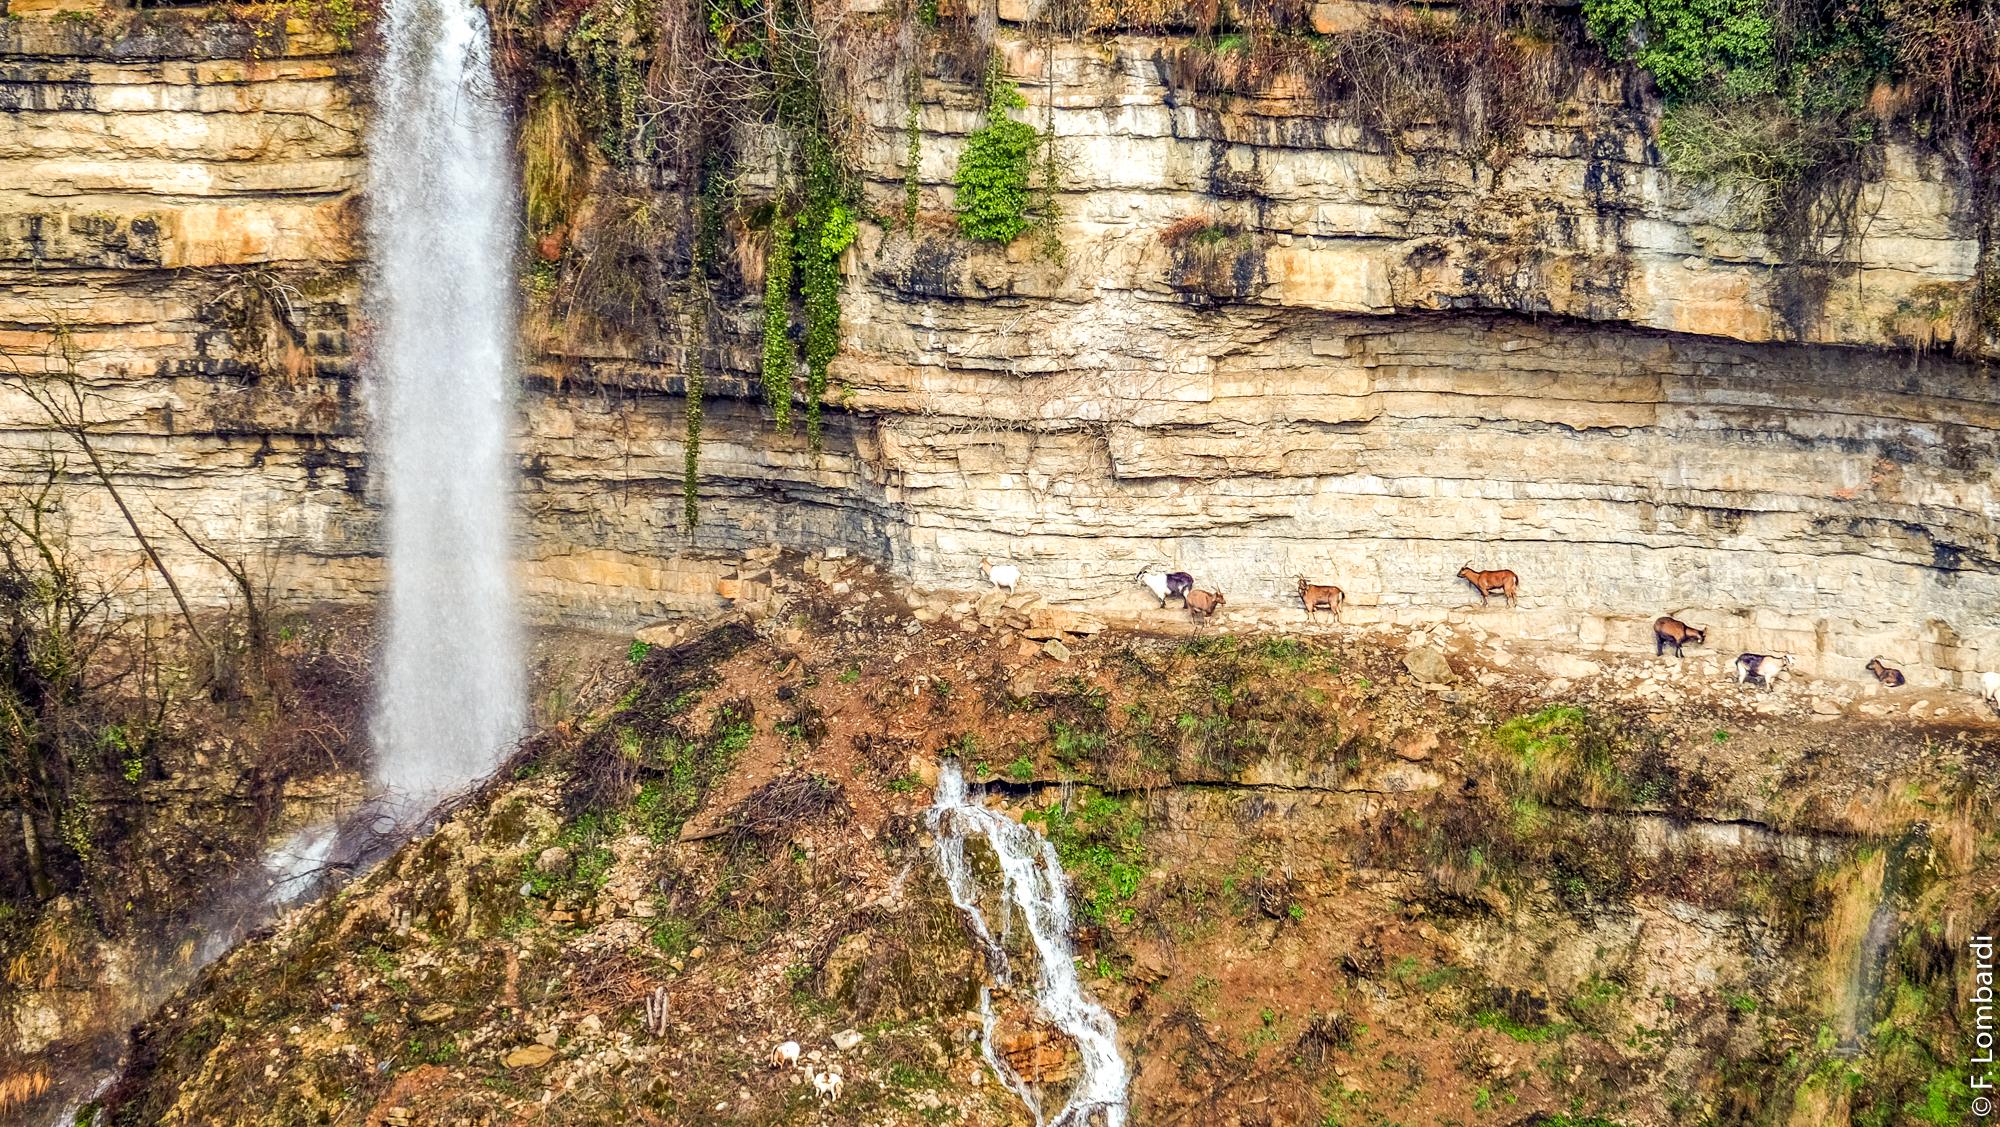 La cascade éphémère du canyon de Bozouls © F. Lombardi - Mairie de Bozouls